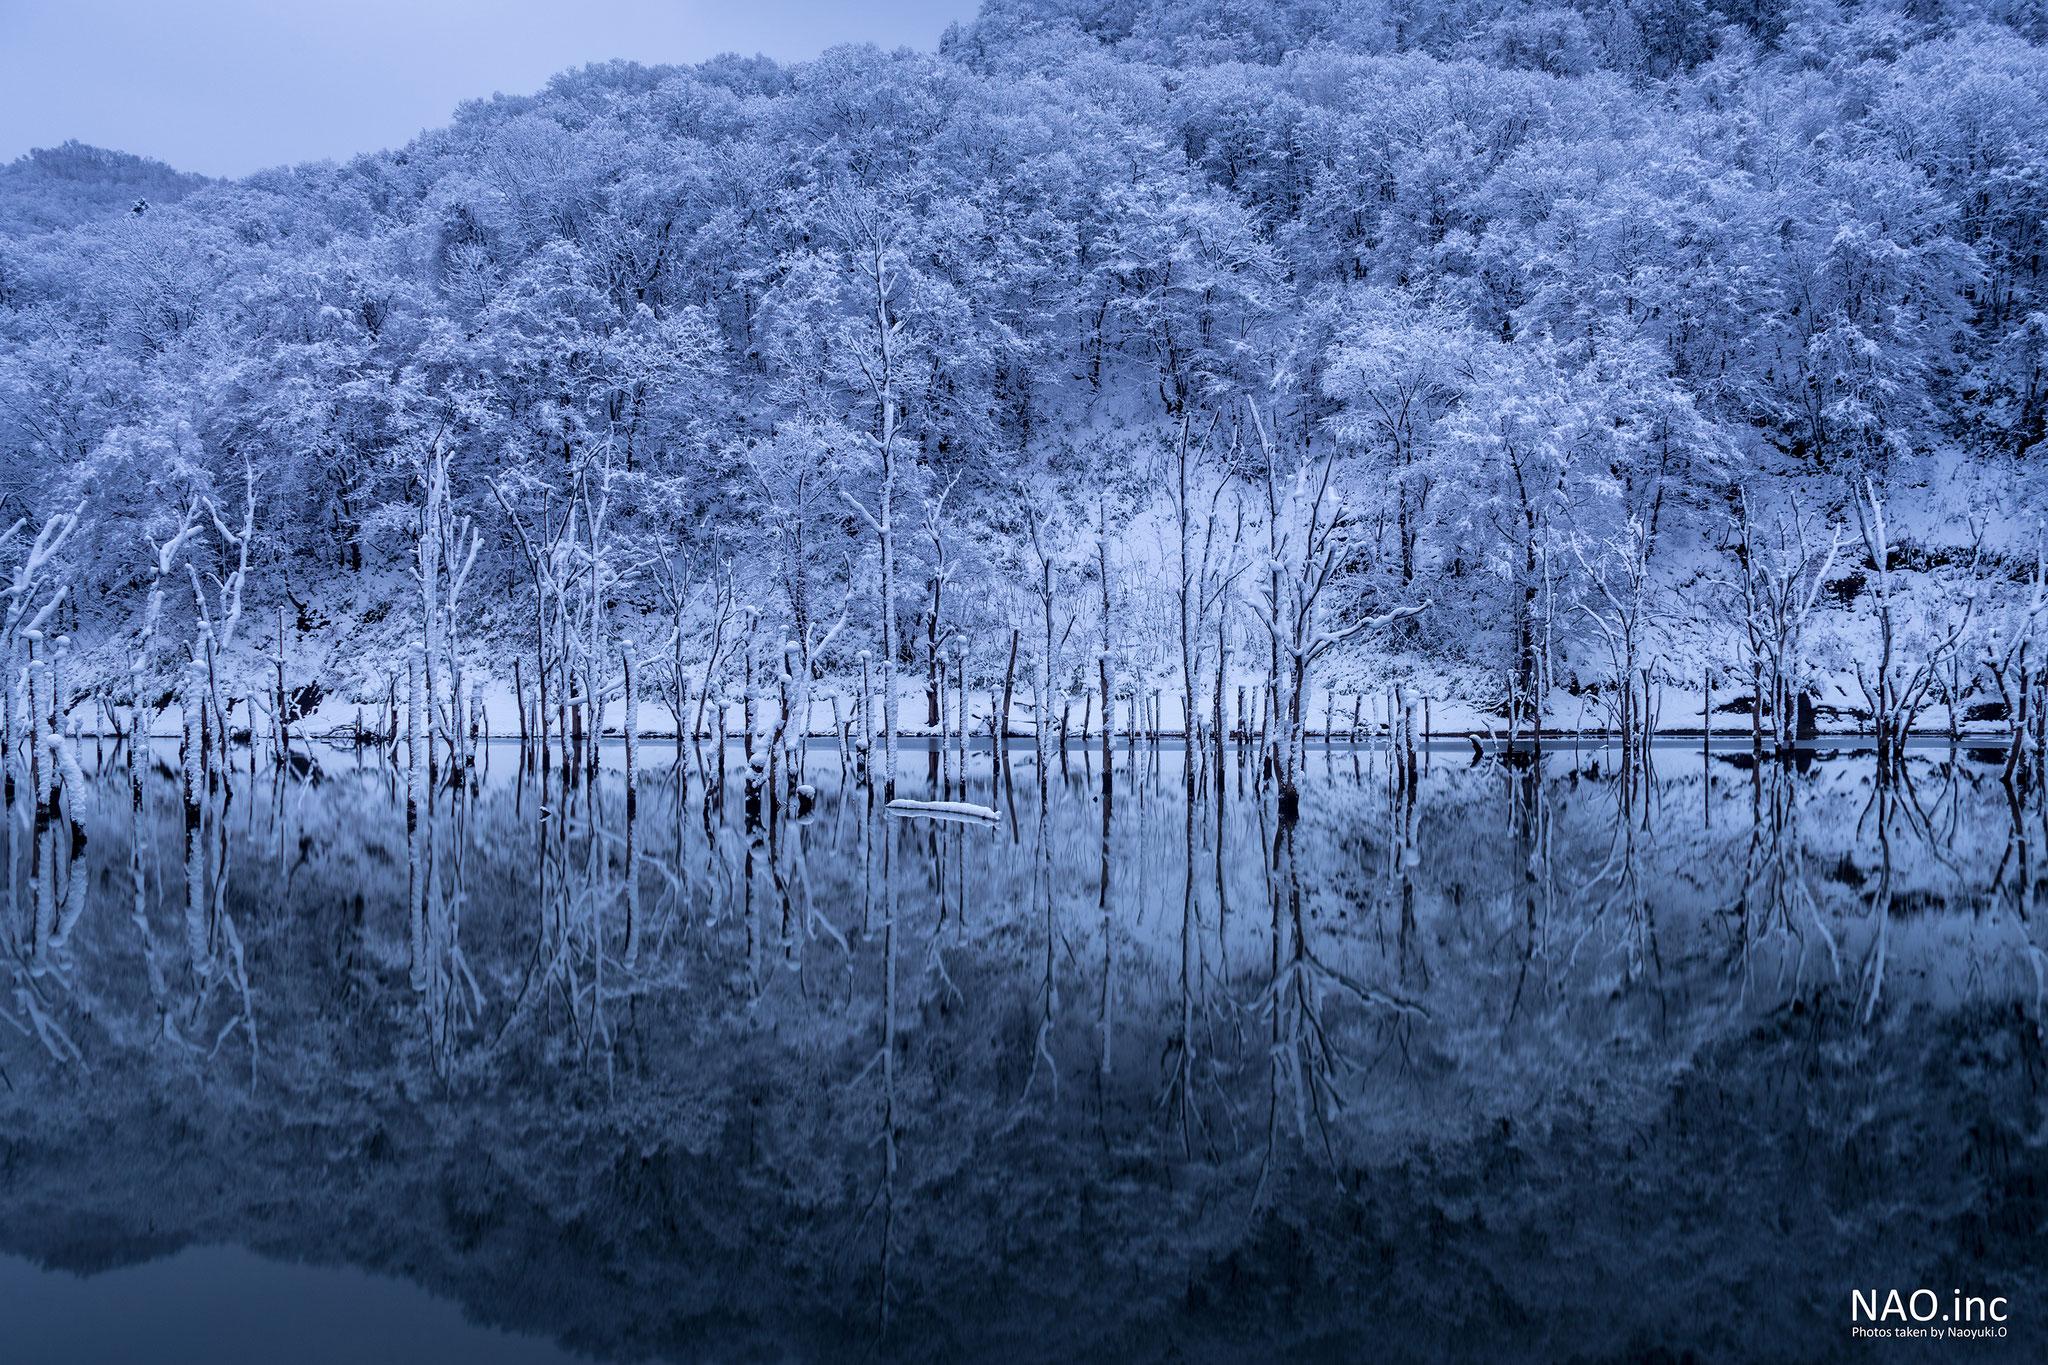 赤井川村落合ダム。初雪が降った朝、山の白を映す鏡のような湖面。